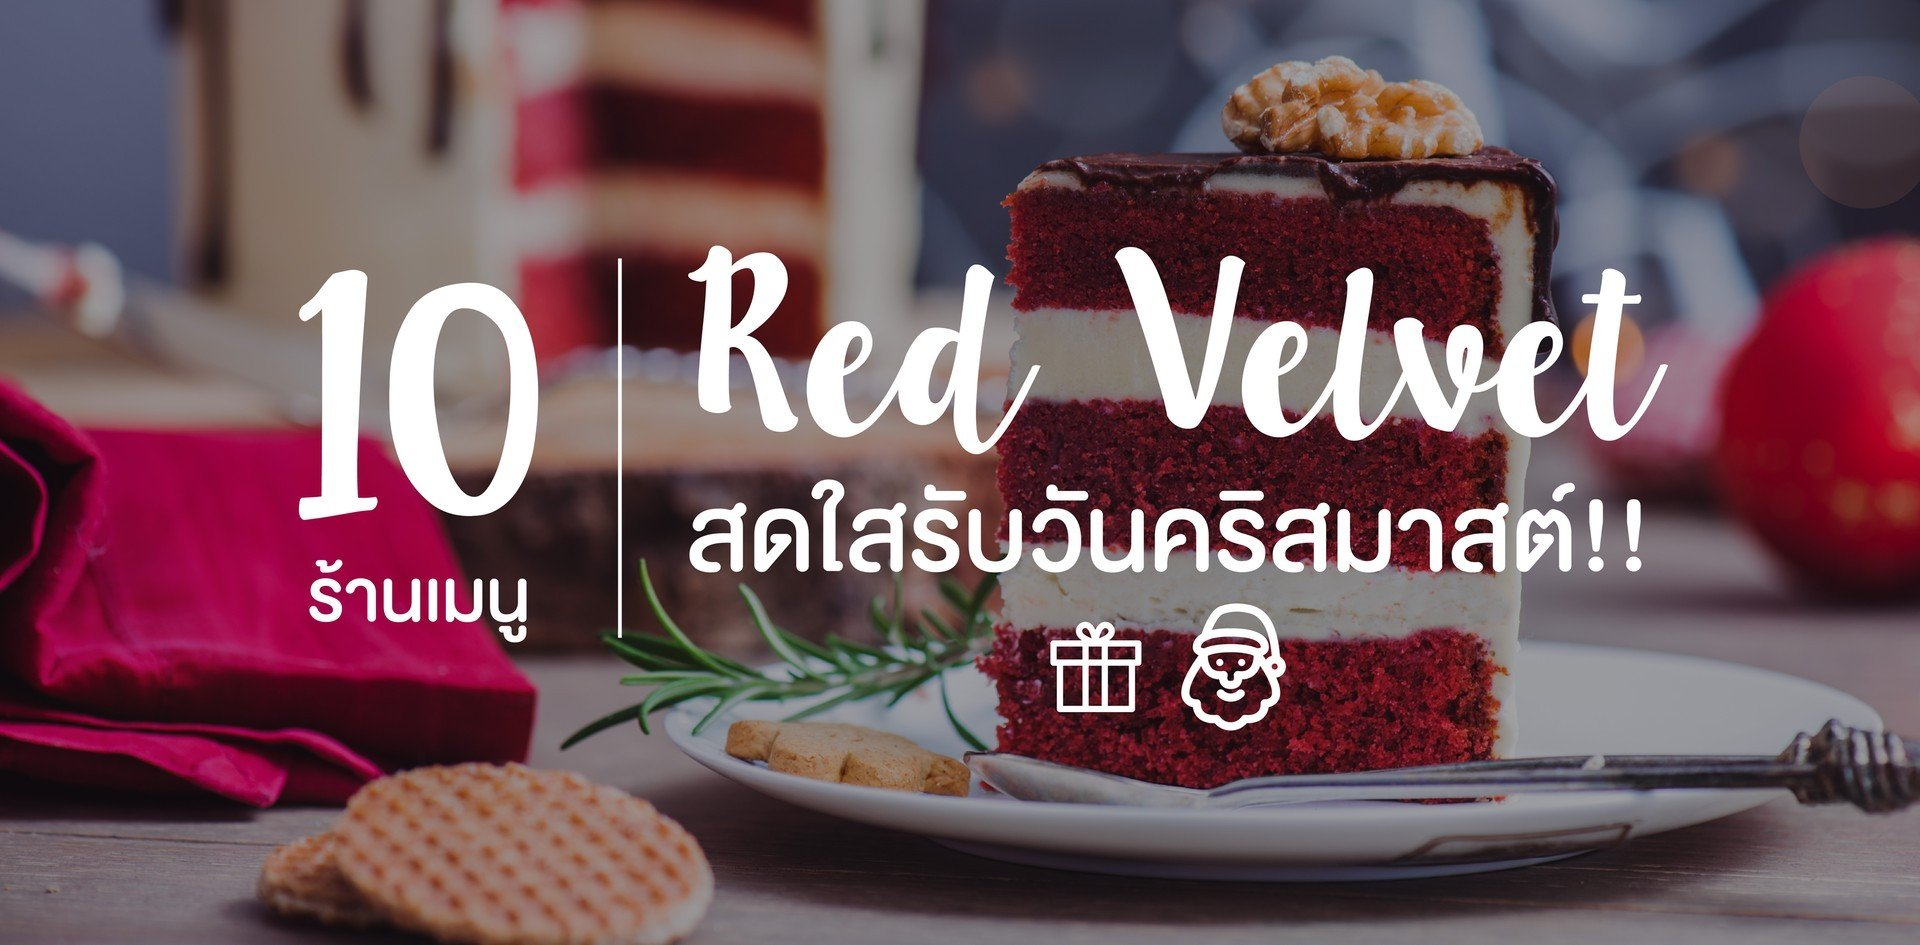 10 ร้านเมนู Red Velvet สดใสรับวันคริสมาสต์